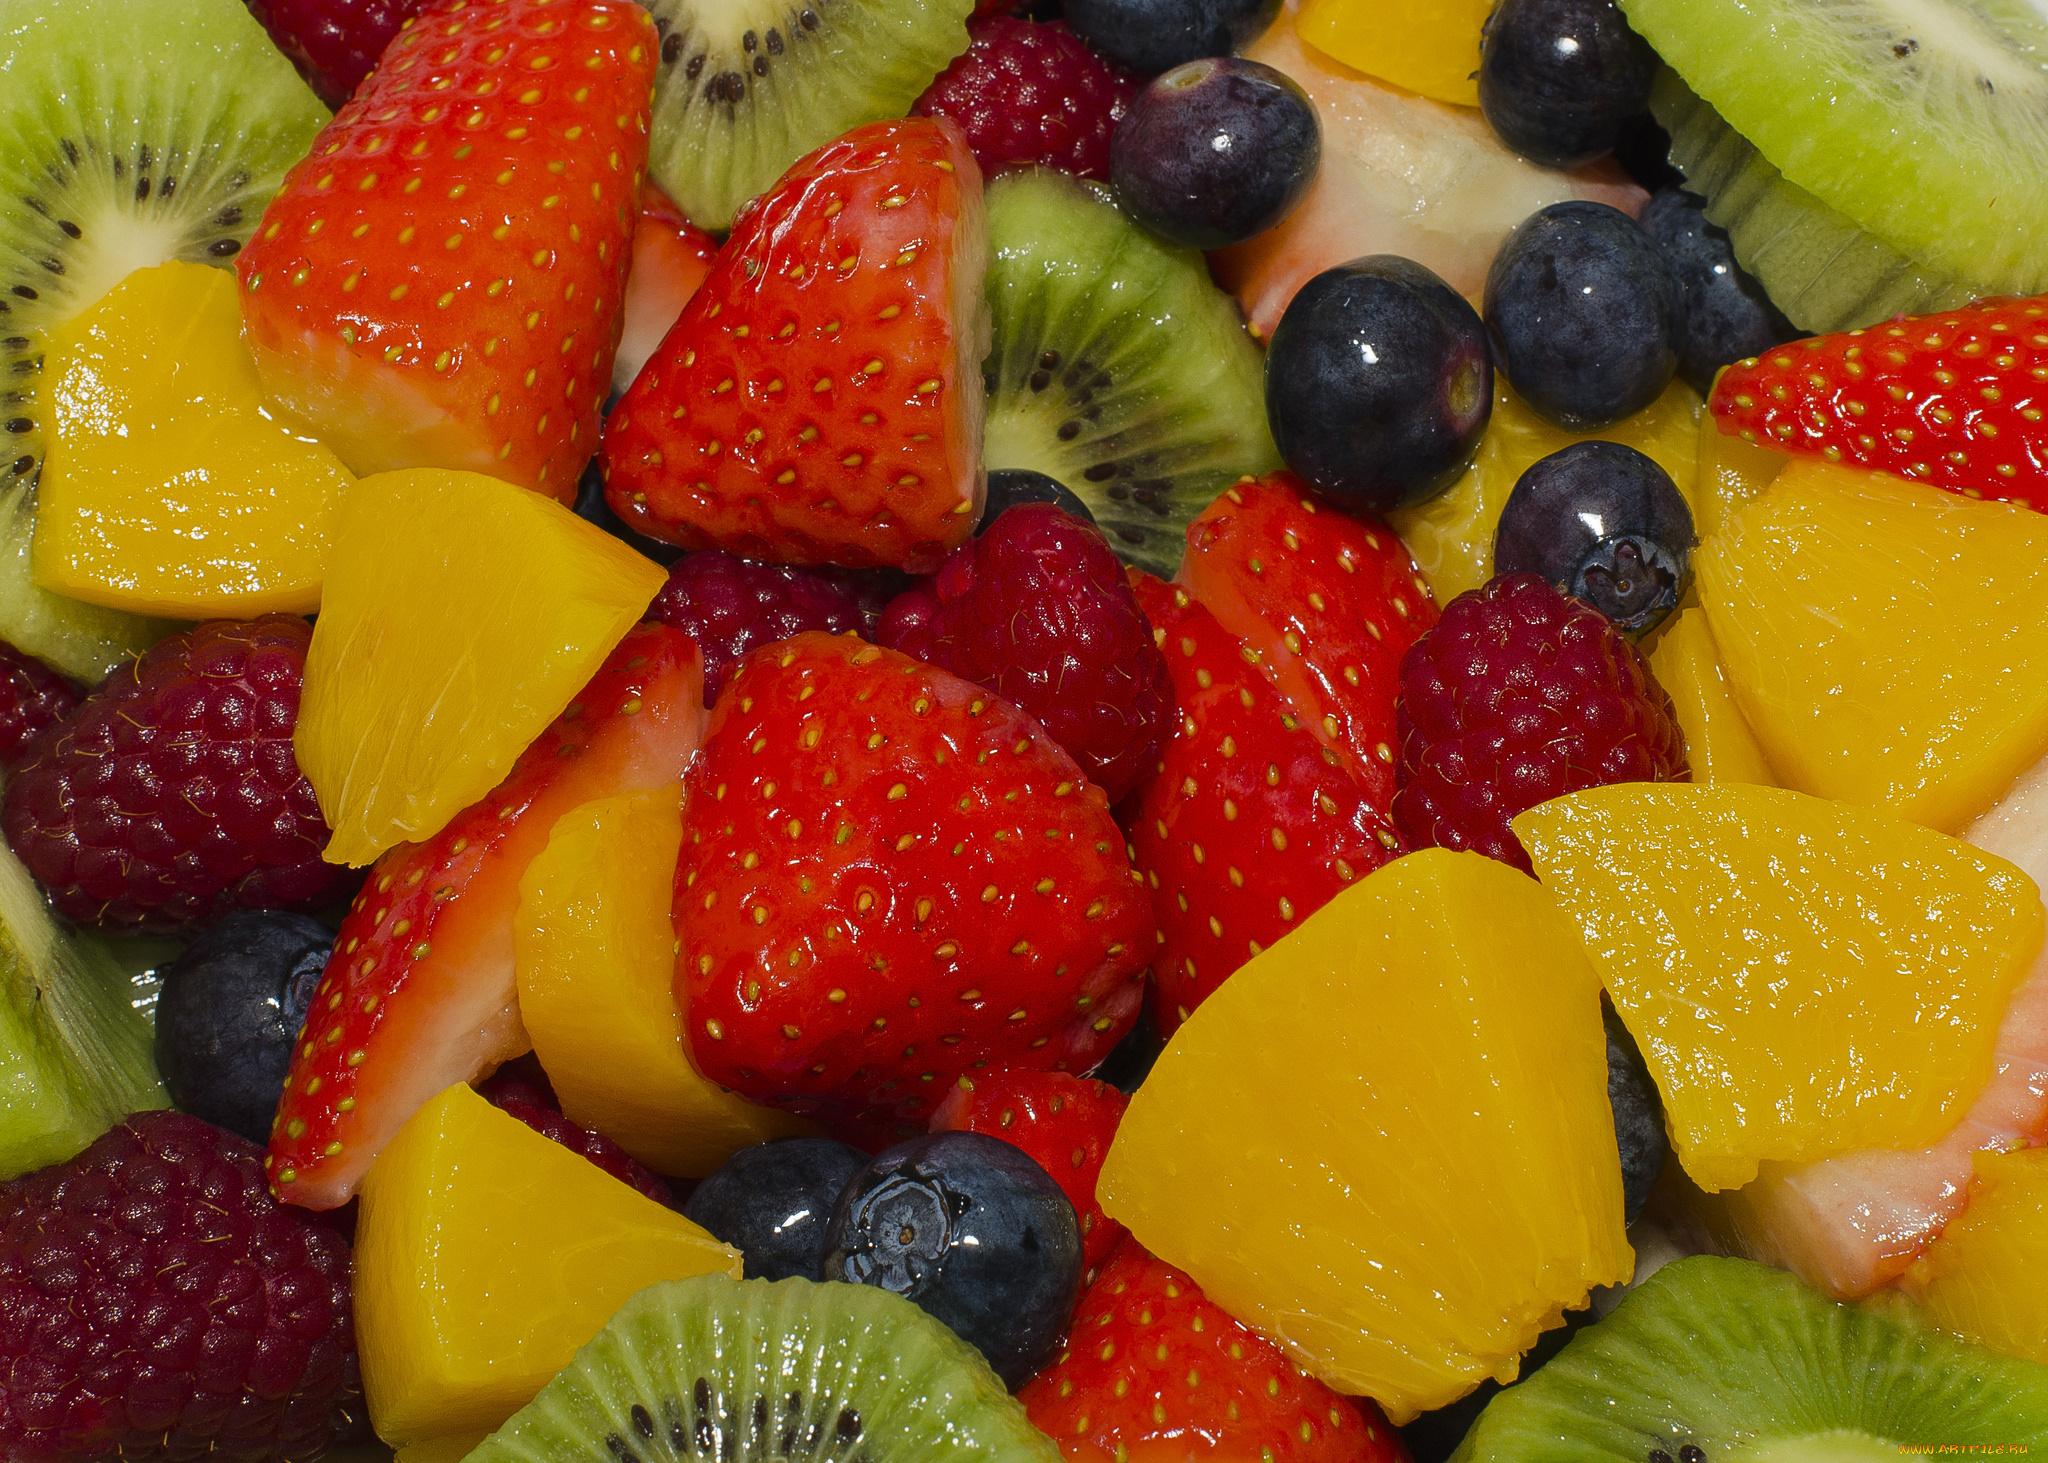 Картинка с фруктами, открытки матерные кофе